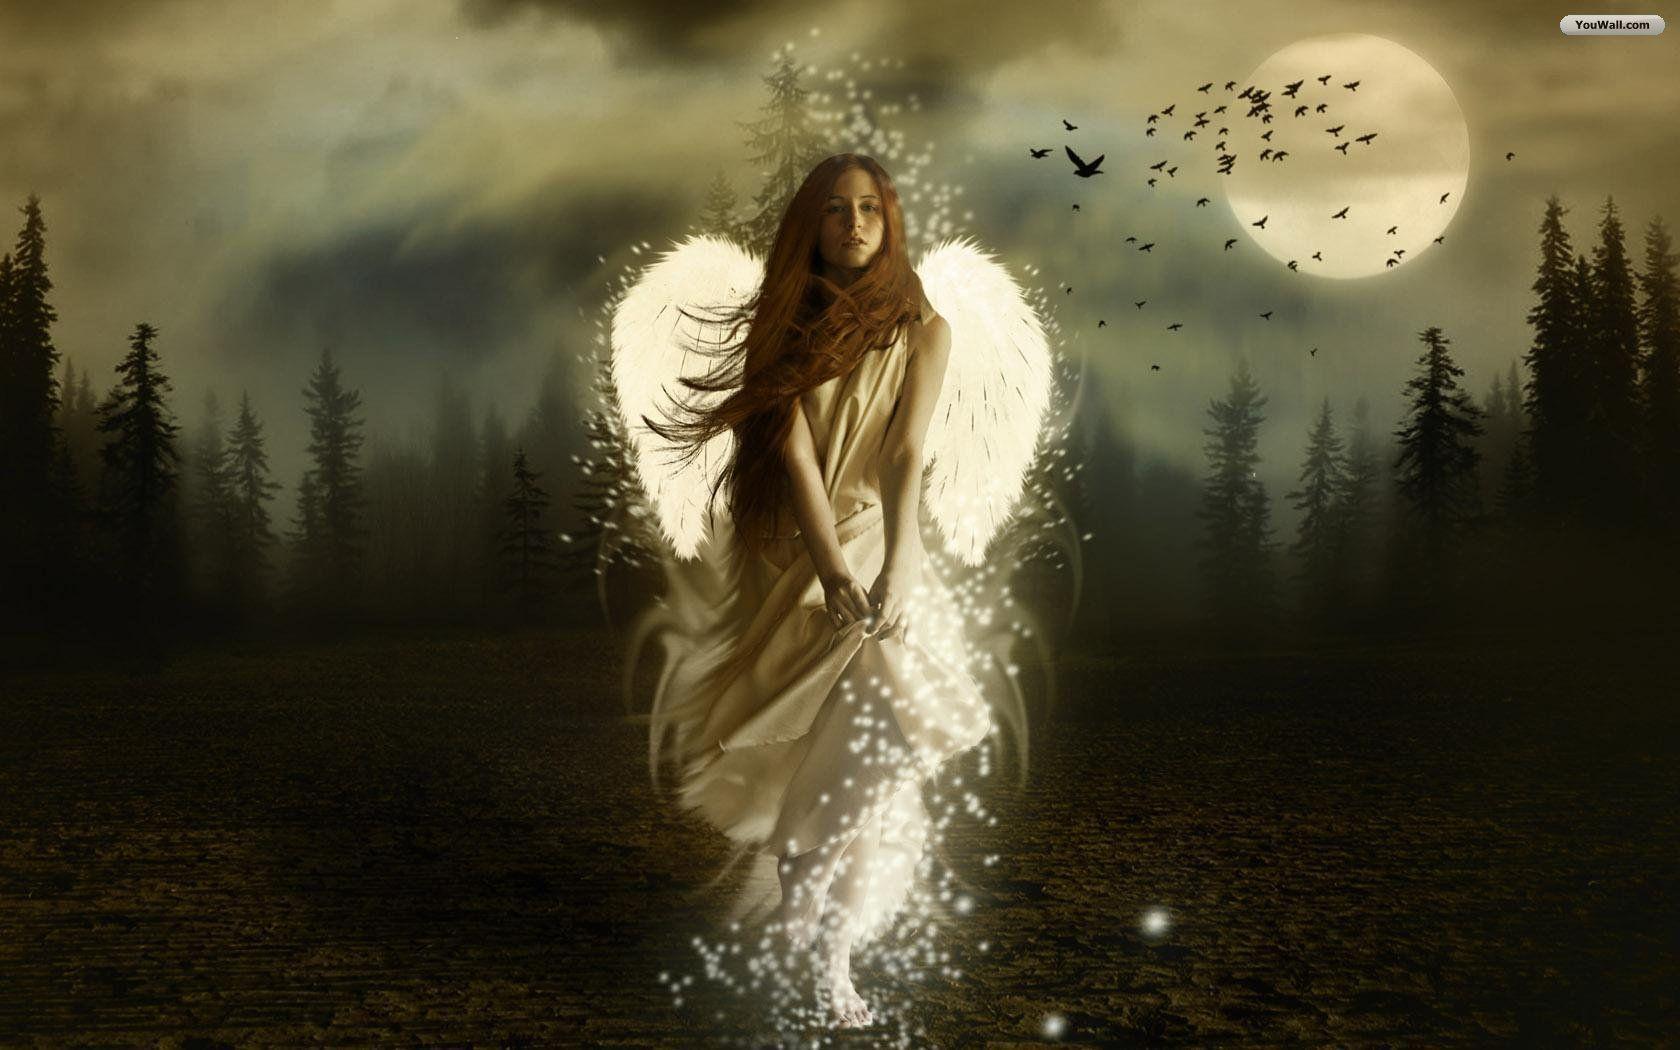 free wallpaper for desktop of angels - www.